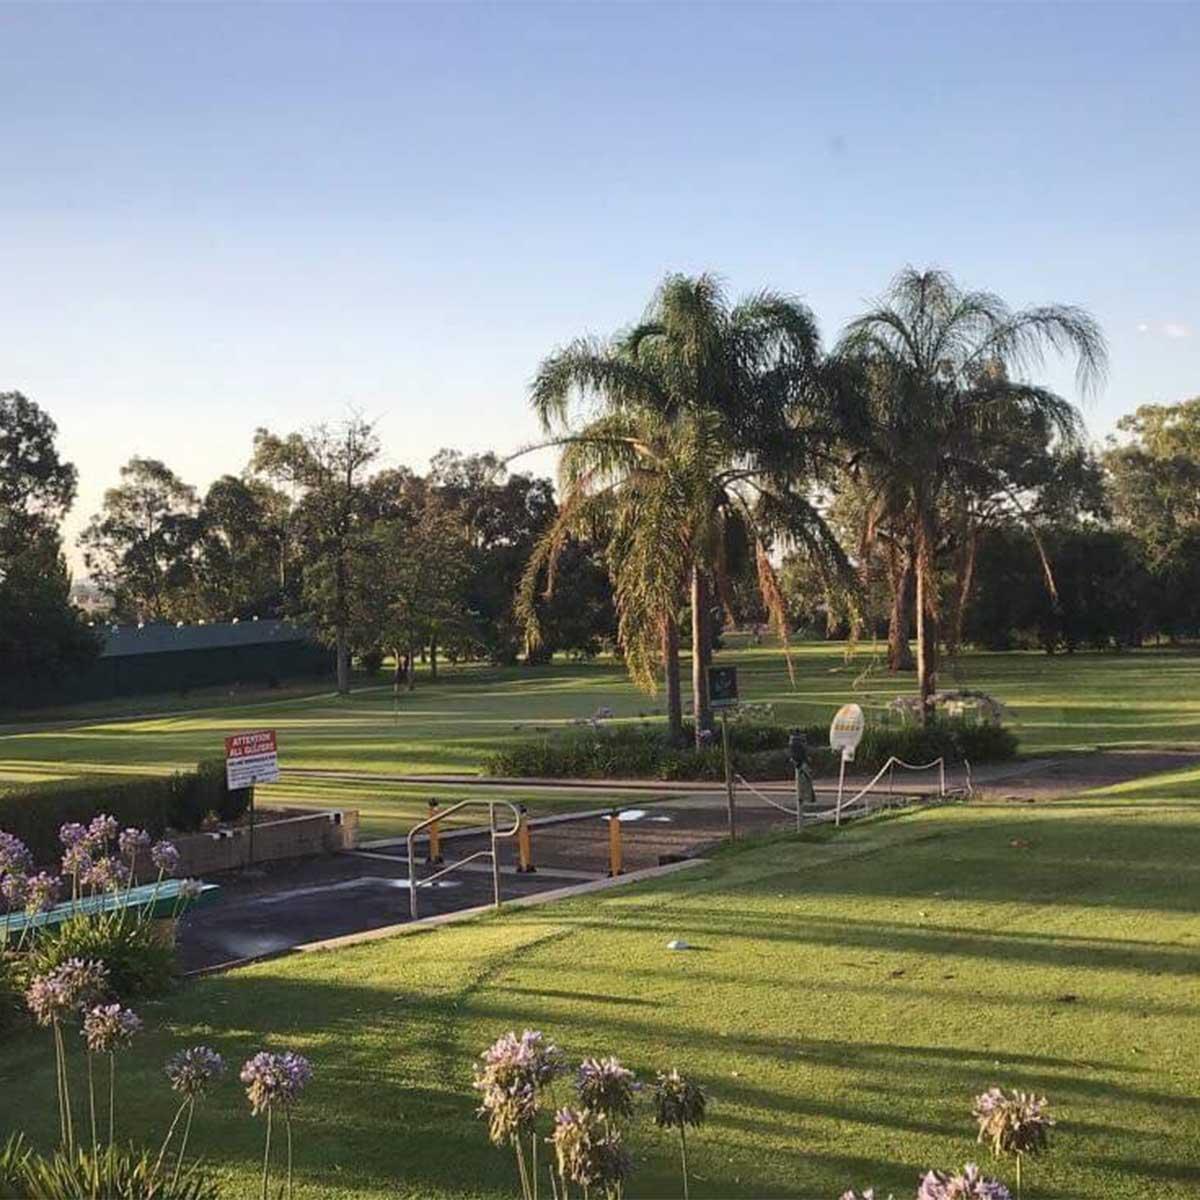 Scenes at Tamworth Golf Club